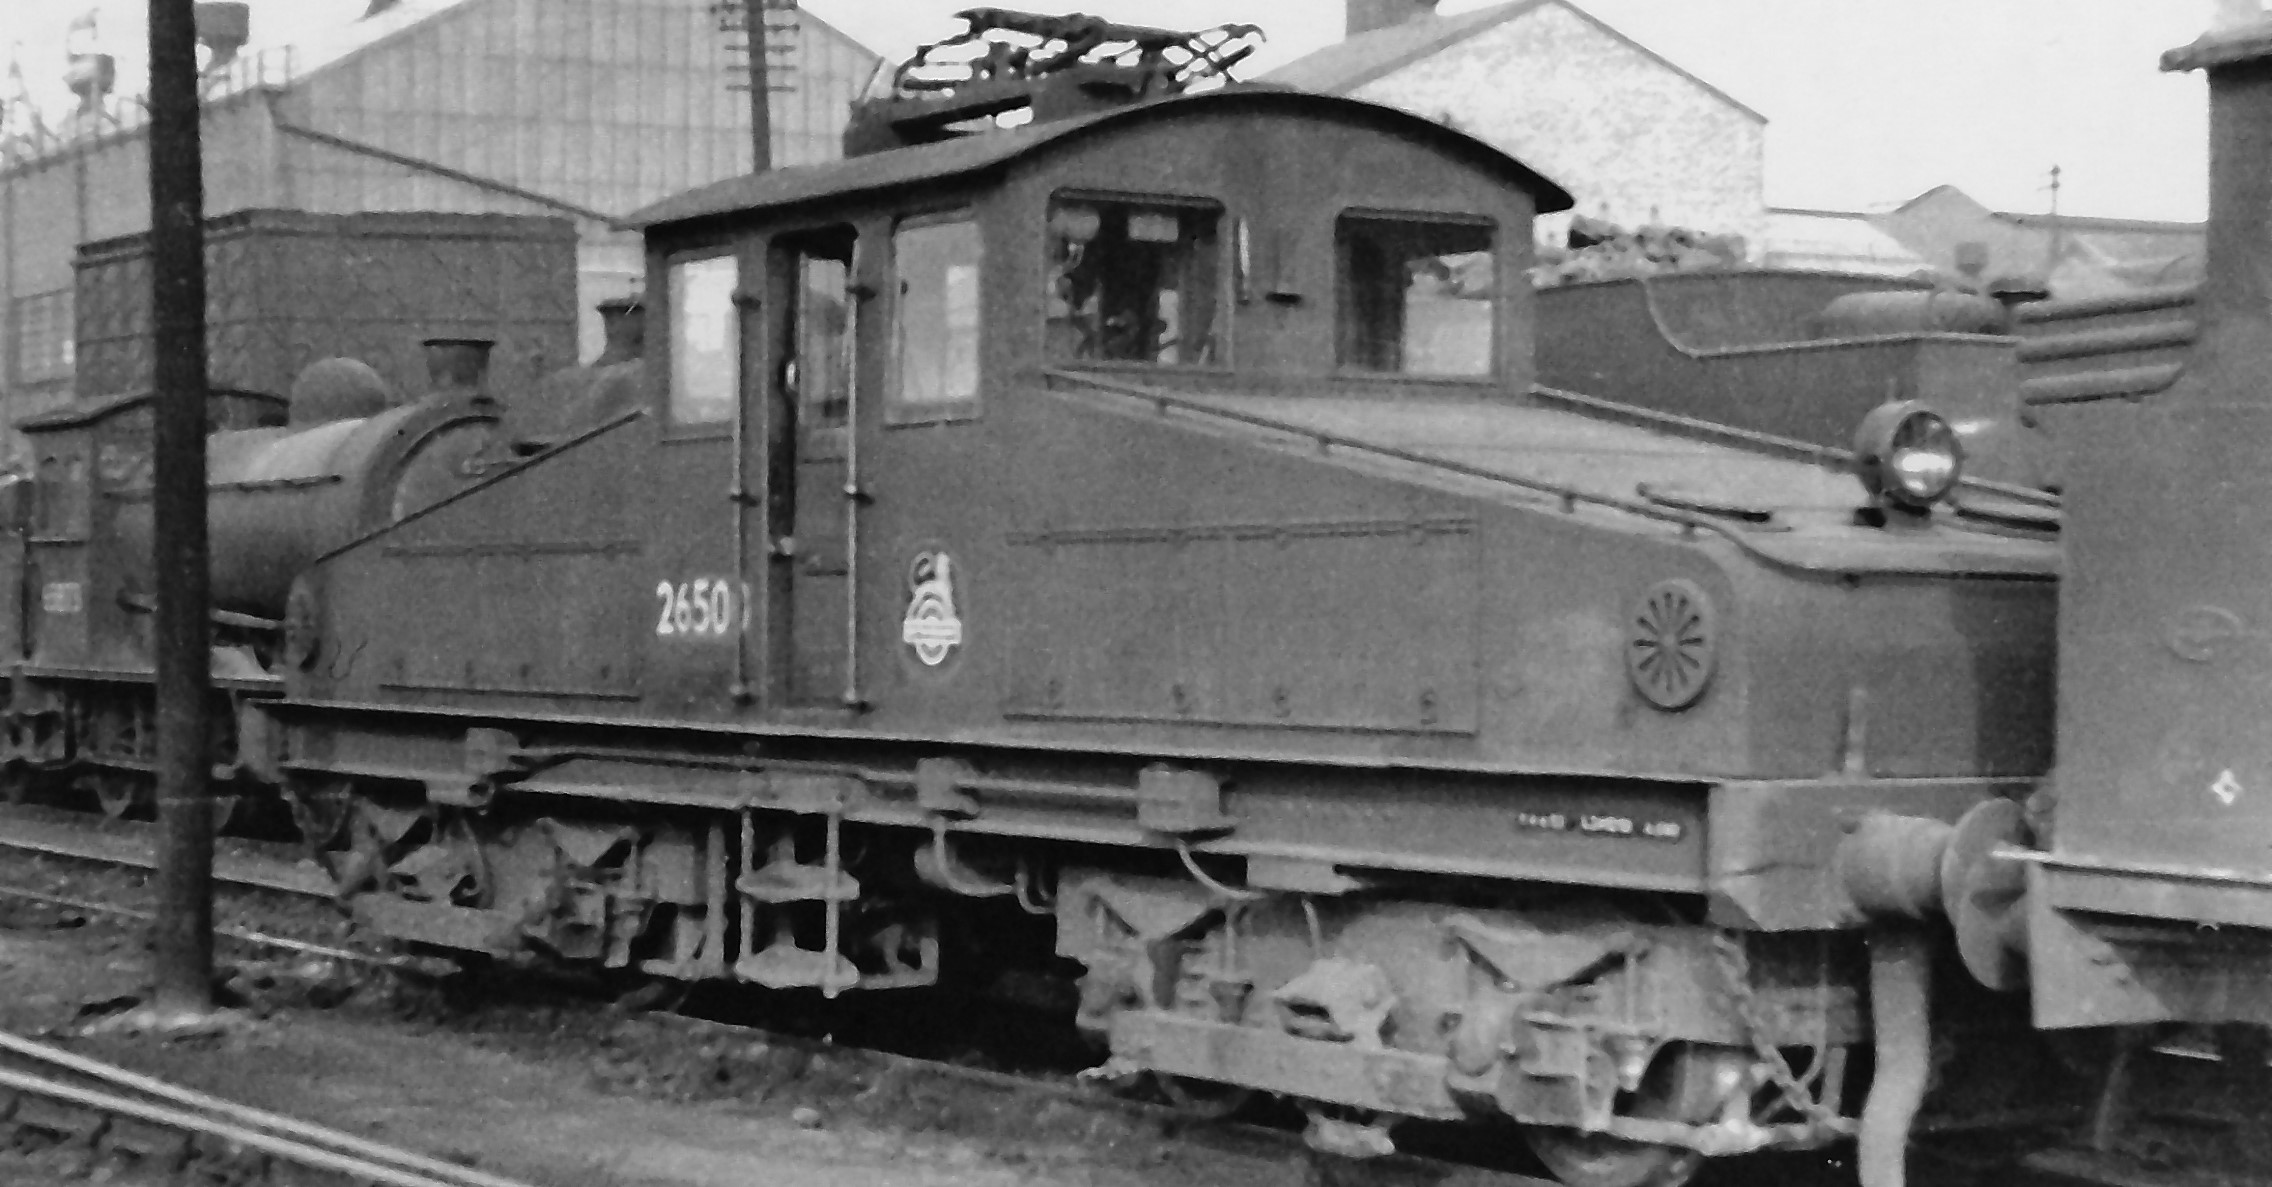 NER ES-1 26500 at Heaton Locomotive Depot in June 1954. ©Ben Brooksbank